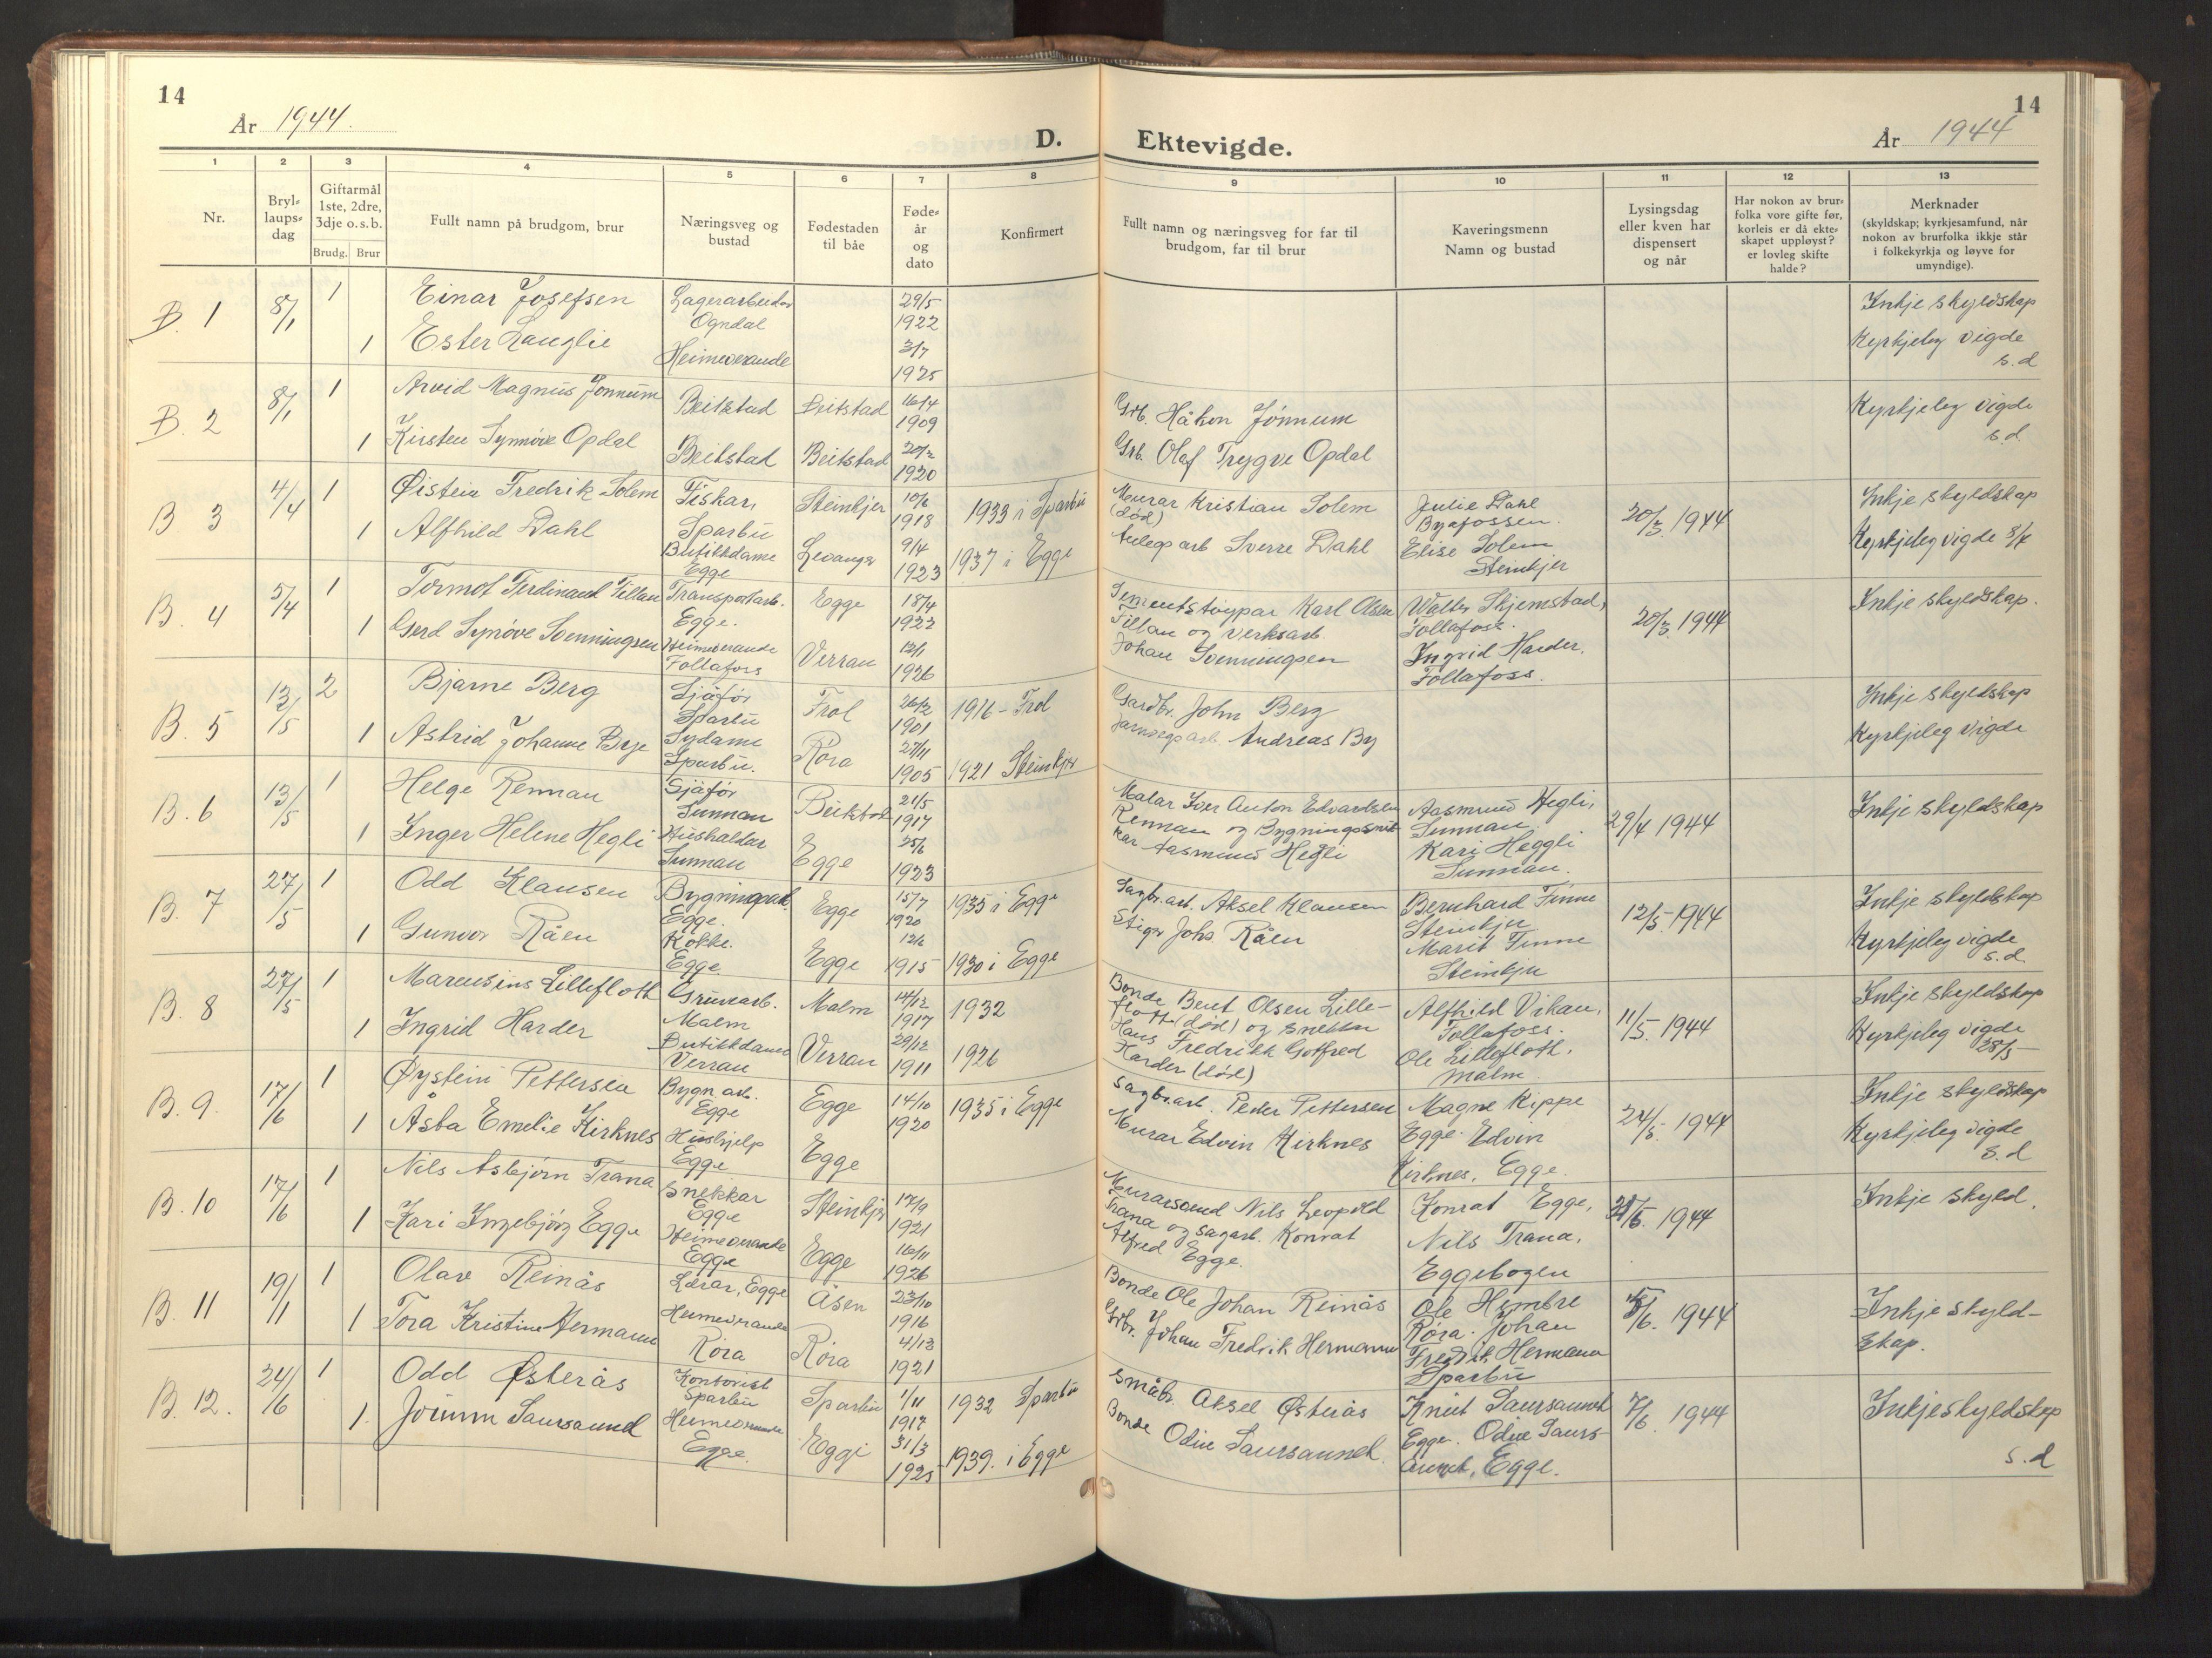 SAT, Ministerialprotokoller, klokkerbøker og fødselsregistre - Nord-Trøndelag, 740/L0384: Klokkerbok nr. 740C05, 1939-1946, s. 14